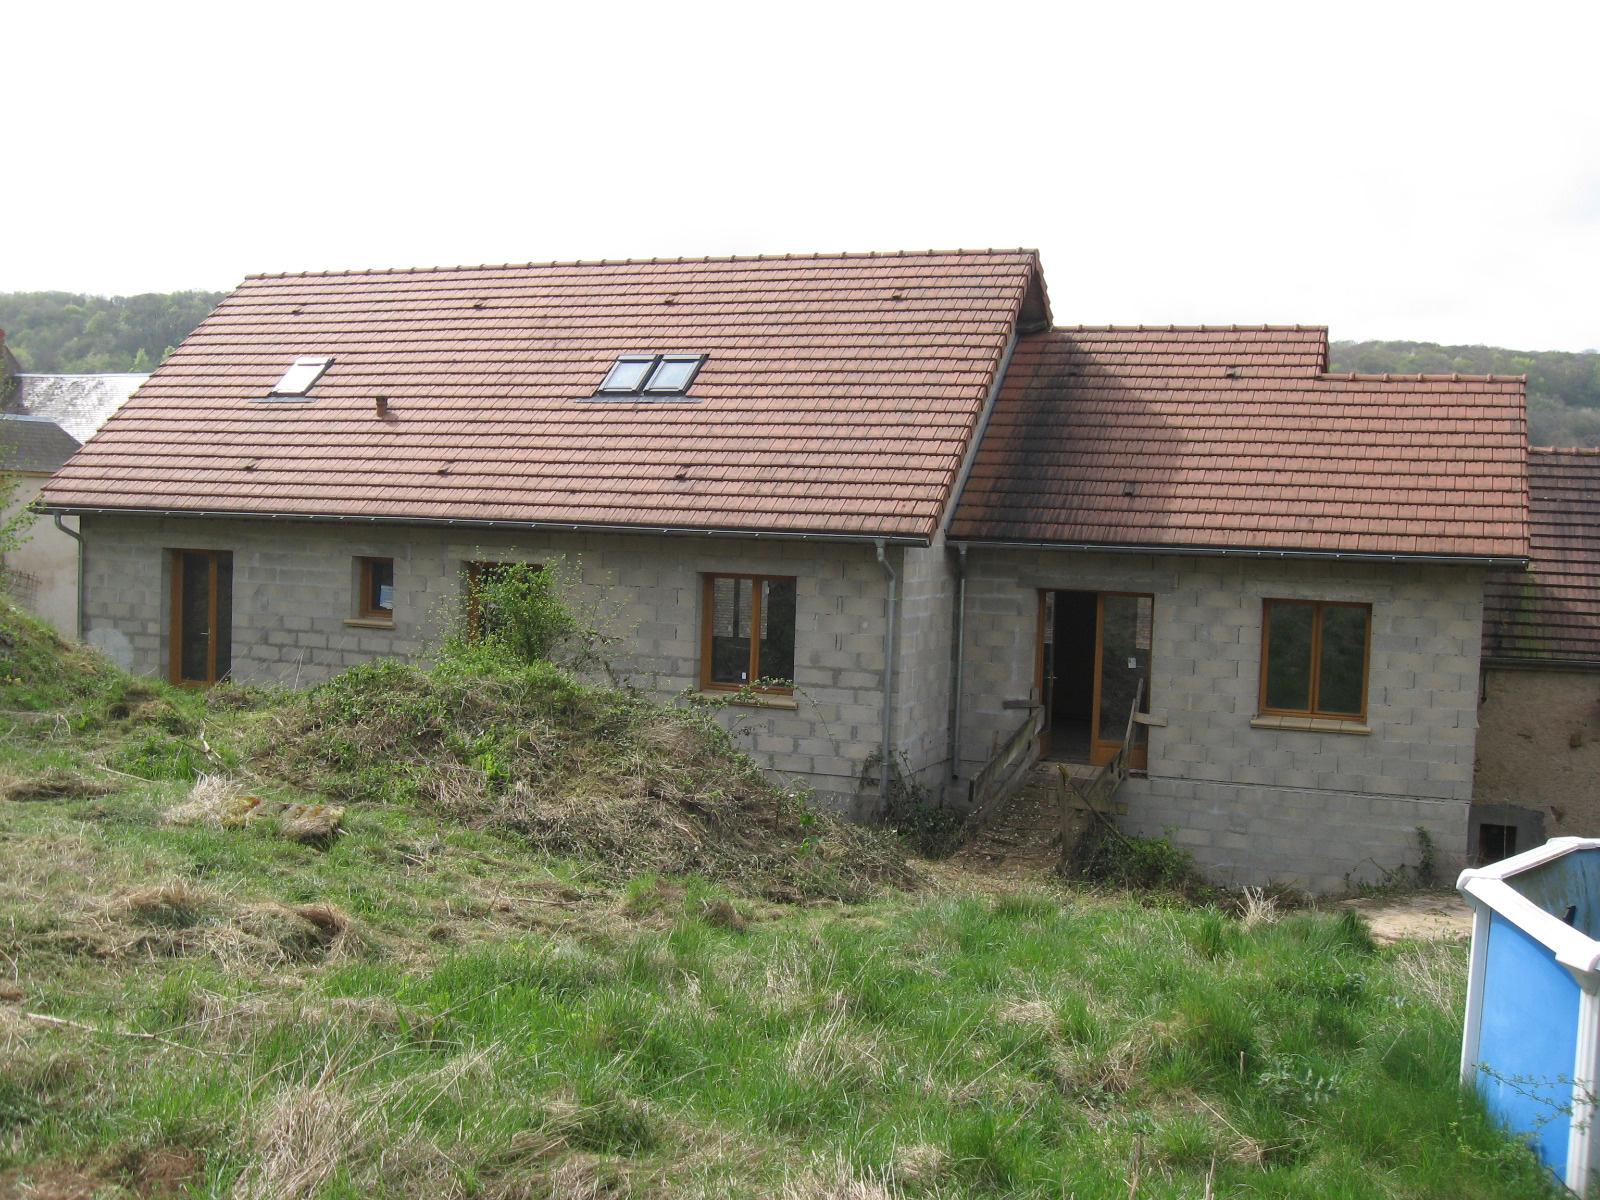 Vente maison pr mery 58700 sur le partenaire for Simulation agrandissement maison